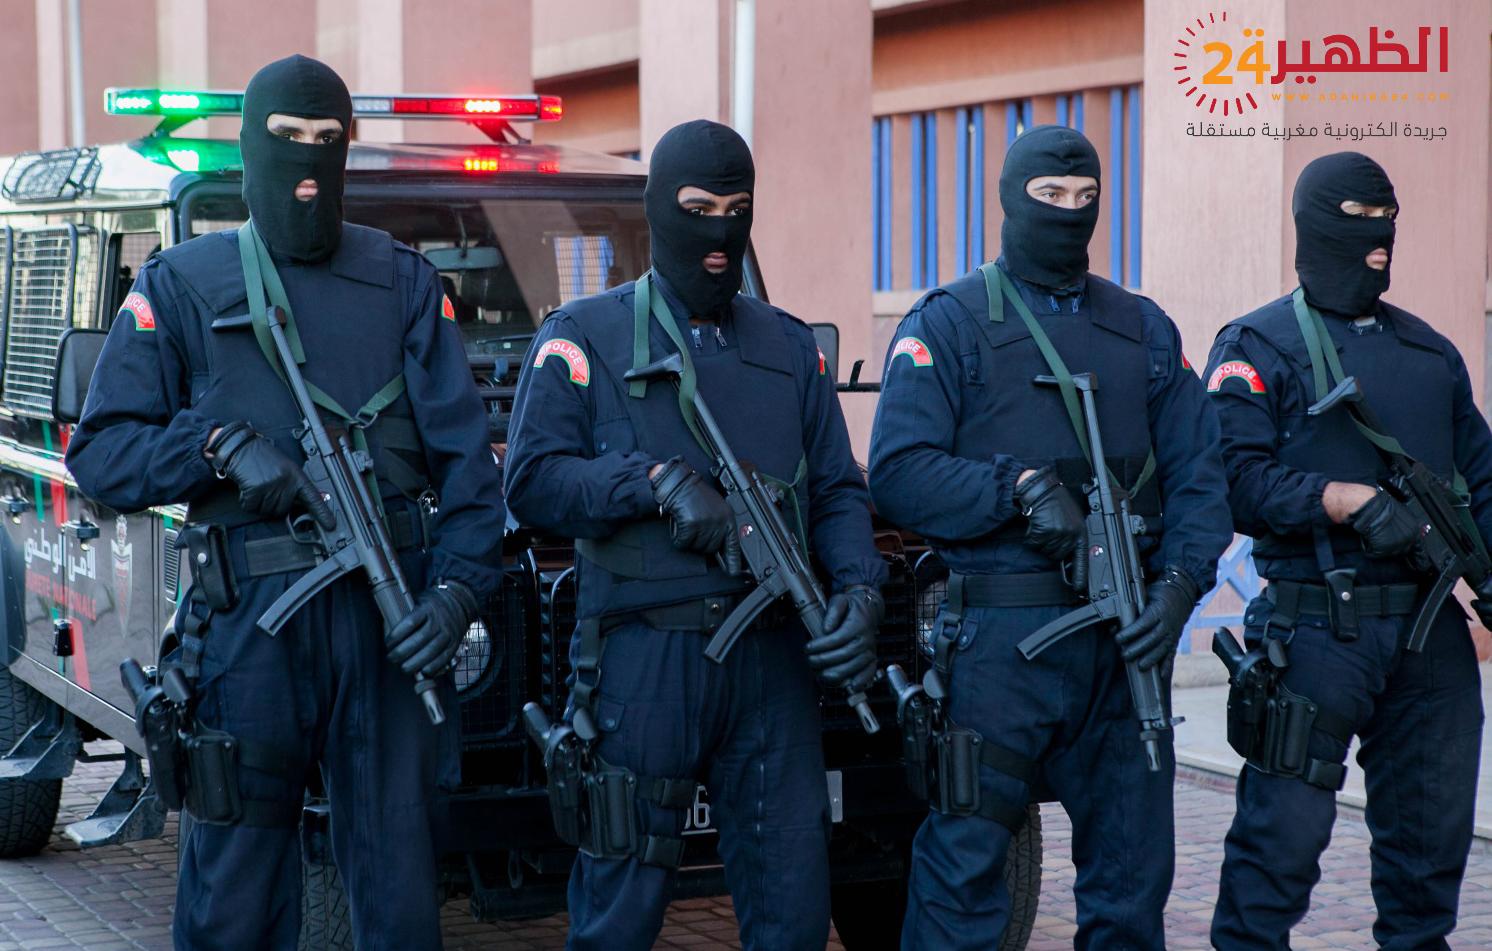 Moroccan Special Forces/Forces spéciales marocaines  :Videos et Photos : BCIJ, Gendarmerie Royale ,  - Page 9 520698343